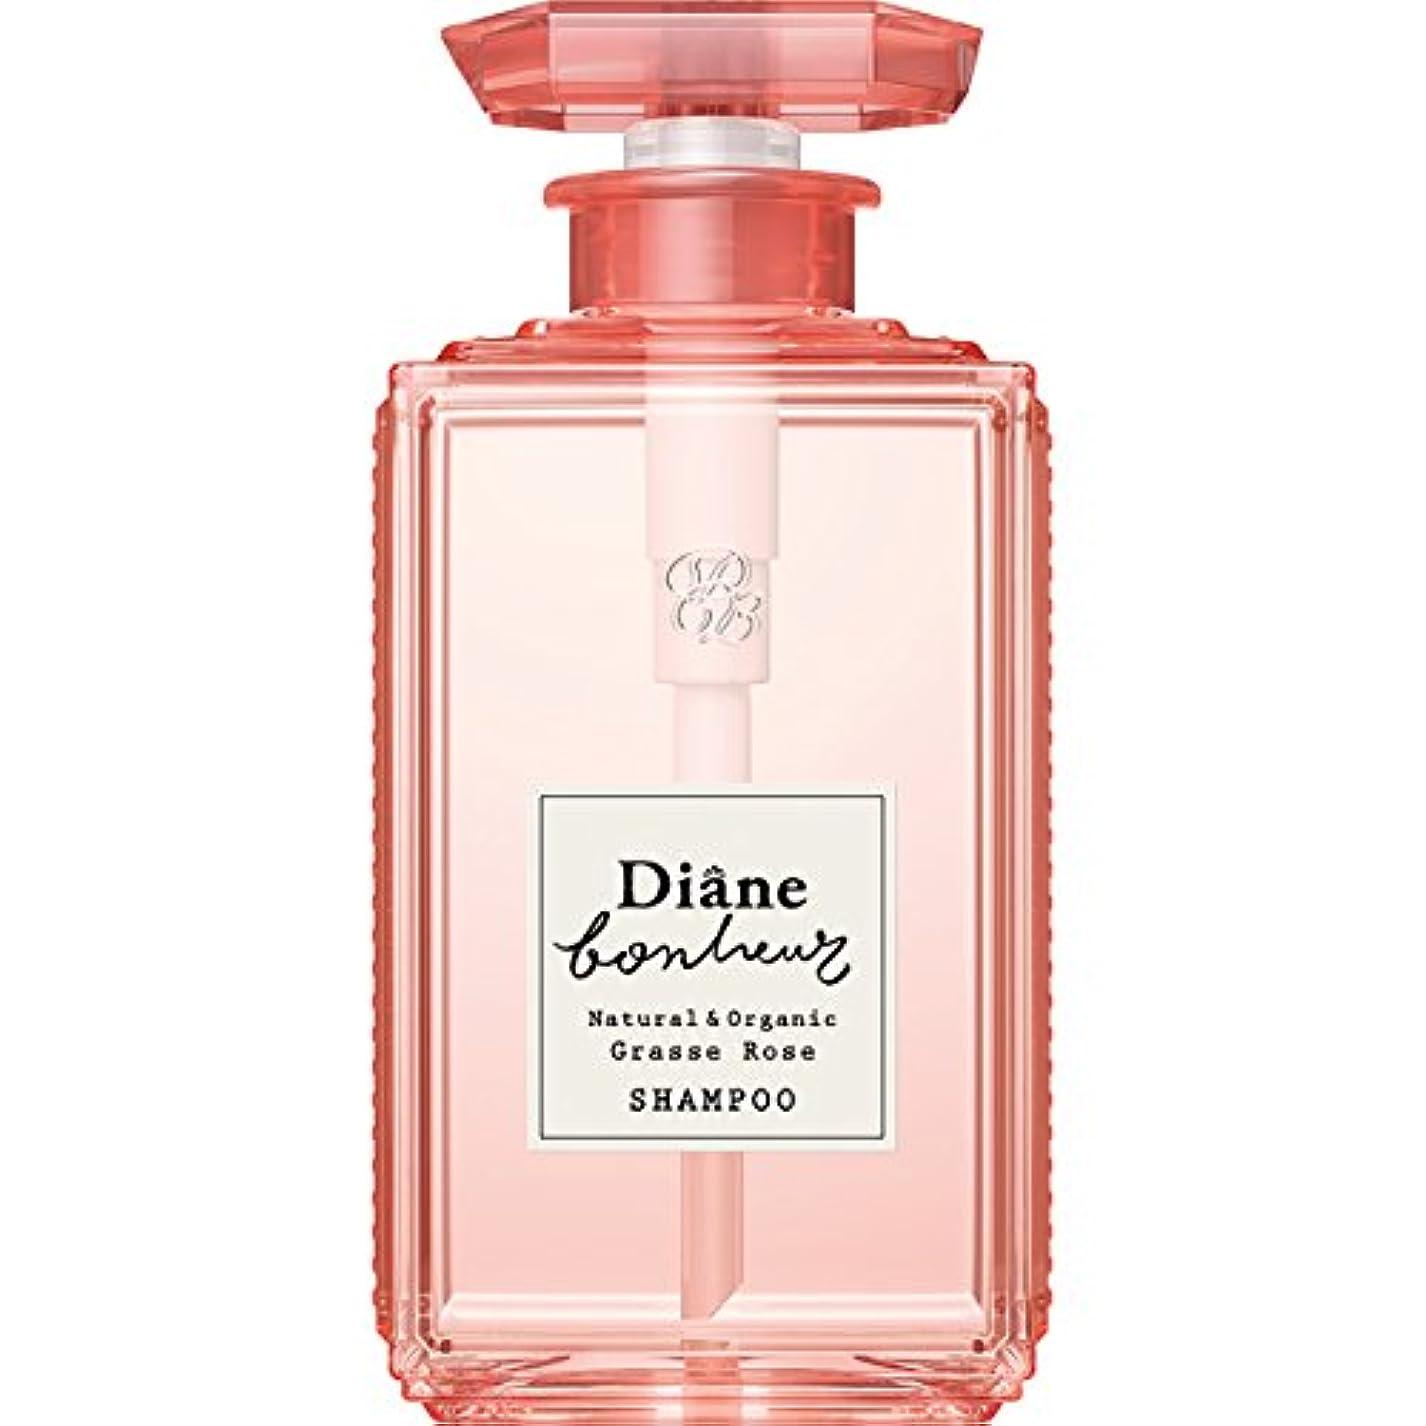 協力にはまって是正するダイアン ボヌール グラースローズの香り ダメージリペア シャンプー 500ml